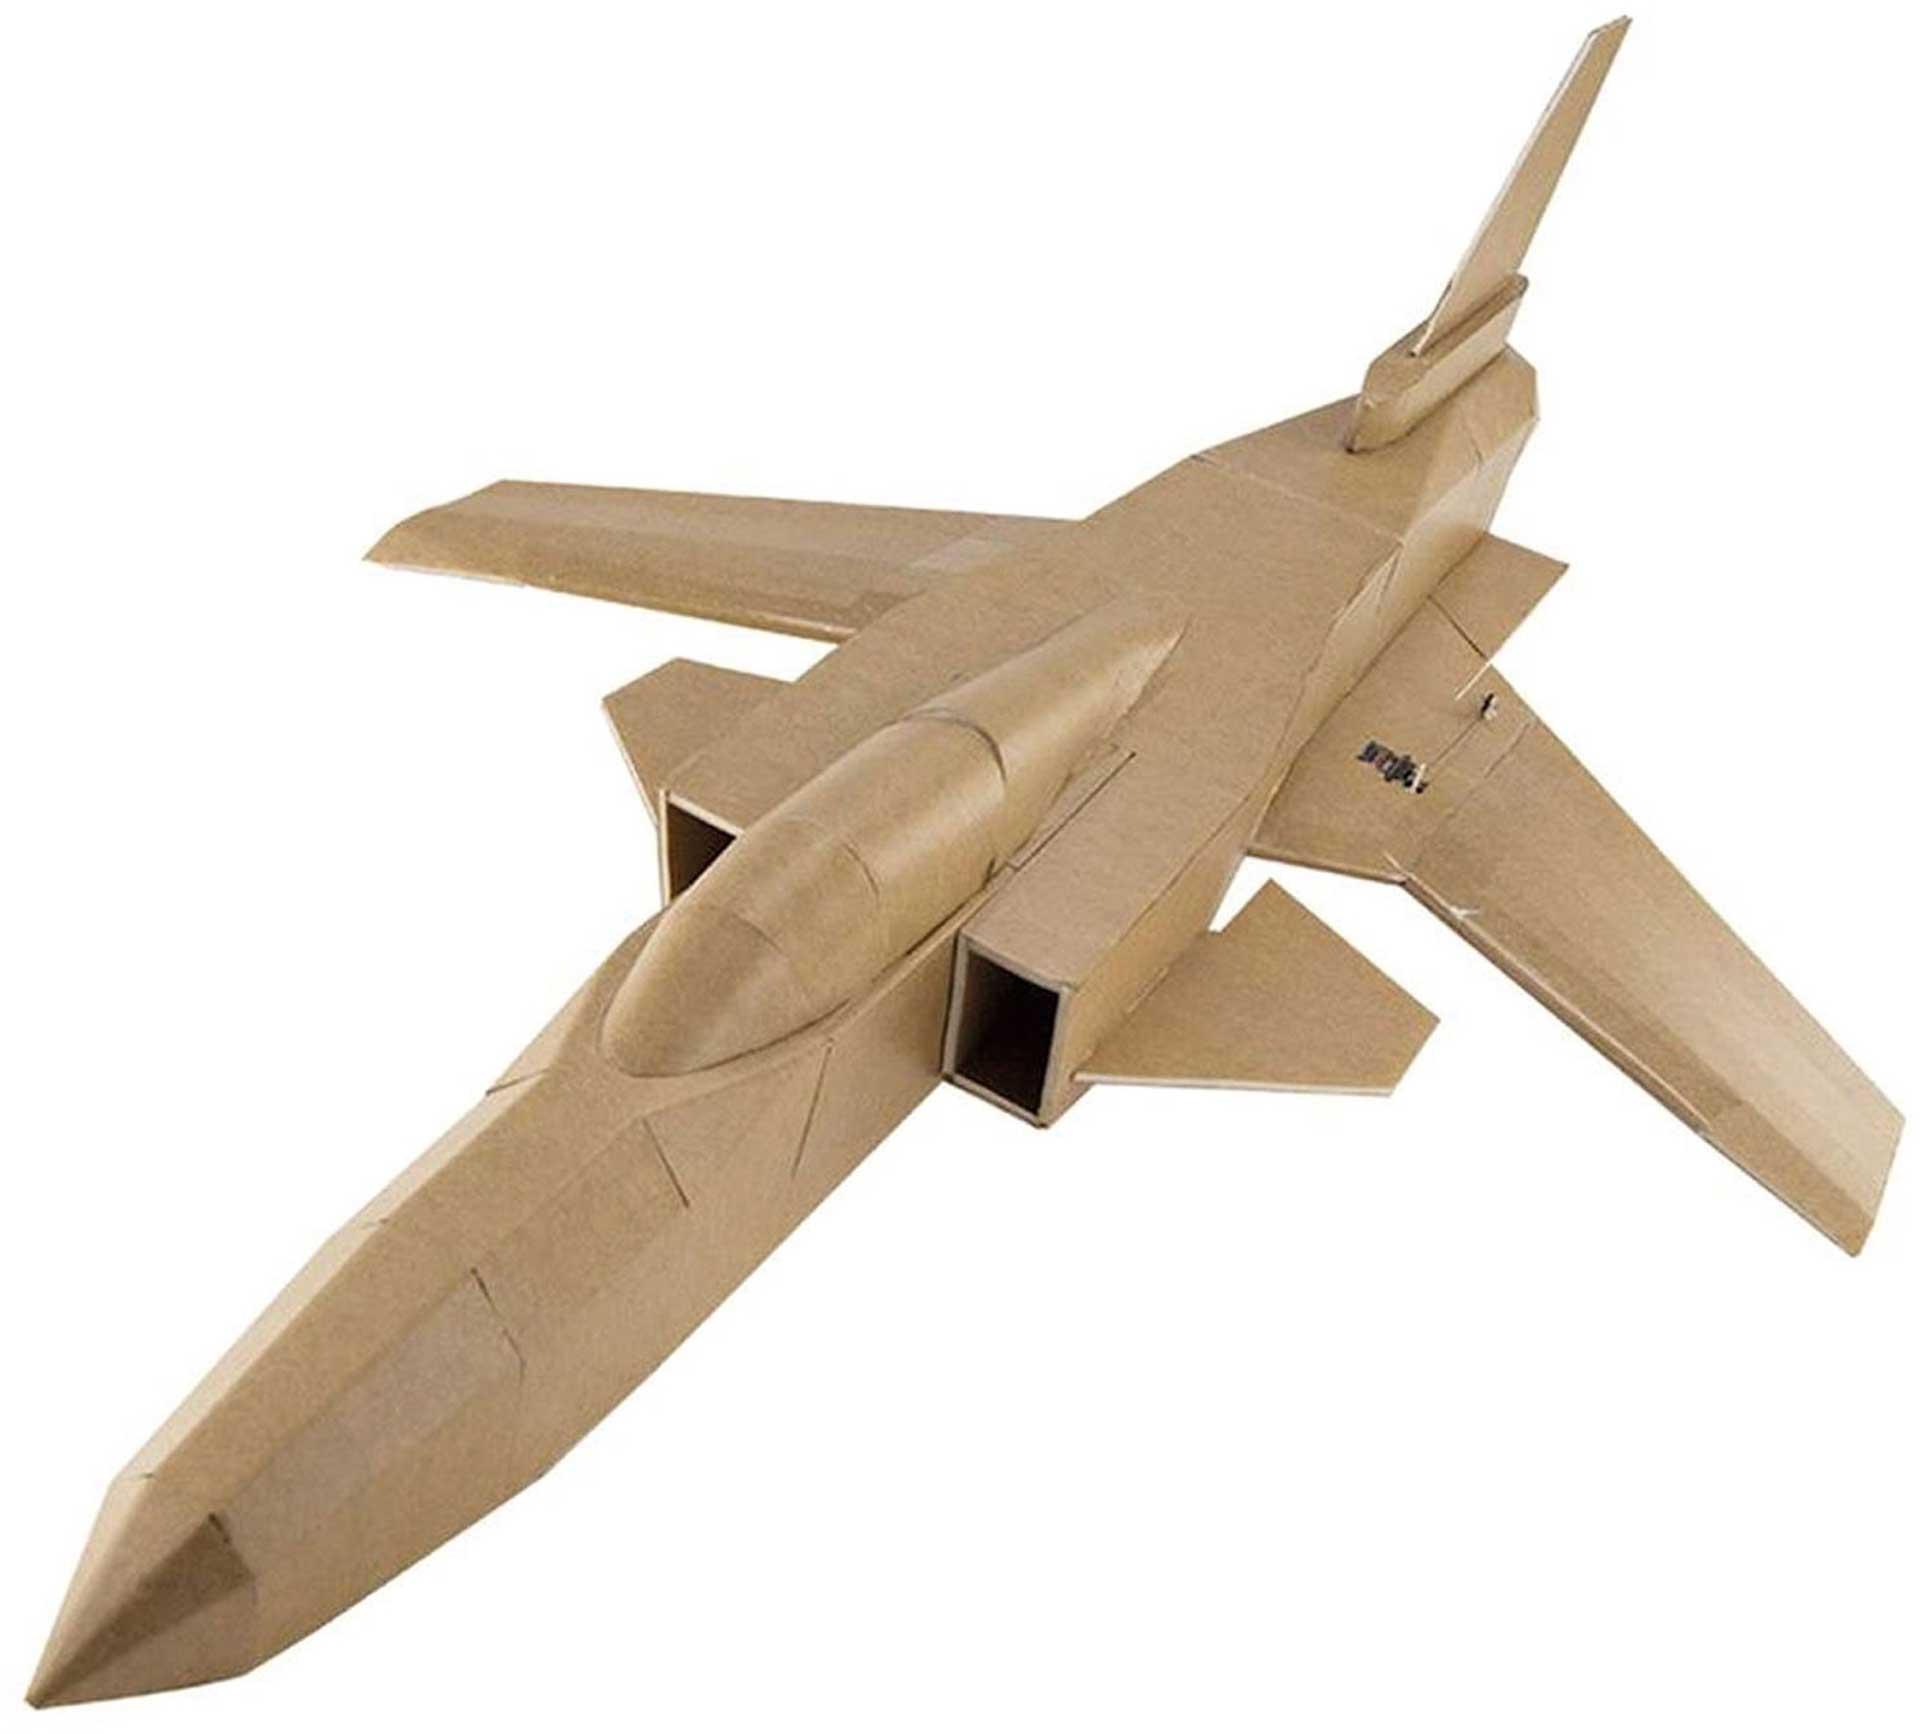 FLITE TEST FT X-29